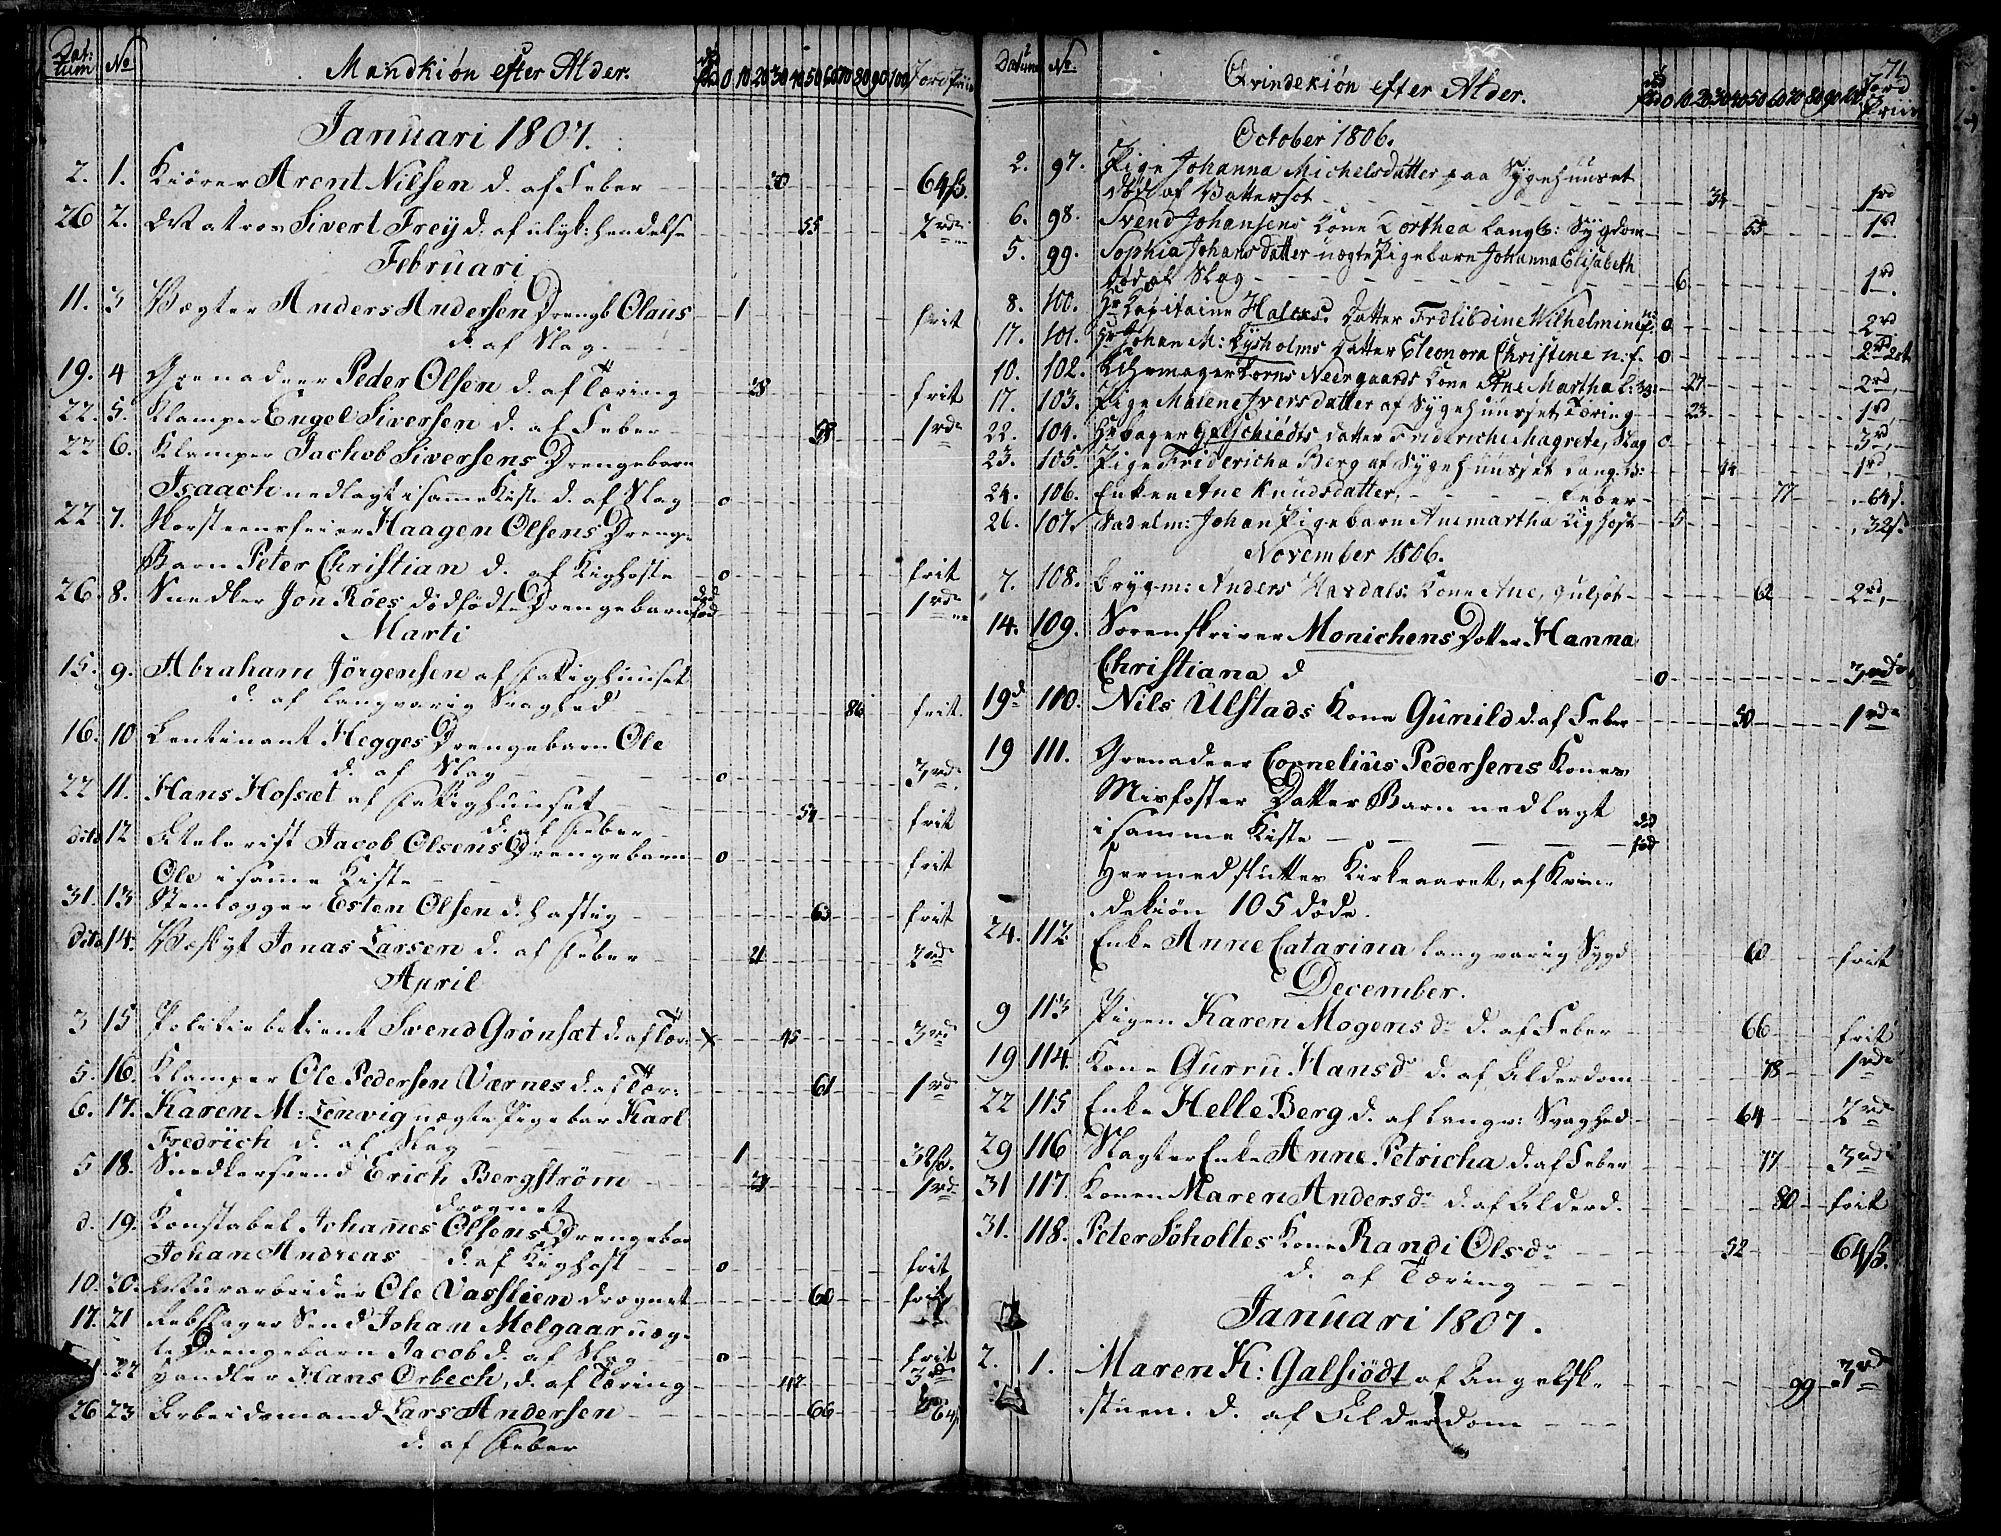 SAT, Ministerialprotokoller, klokkerbøker og fødselsregistre - Sør-Trøndelag, 601/L0040: Ministerialbok nr. 601A08, 1783-1818, s. 71